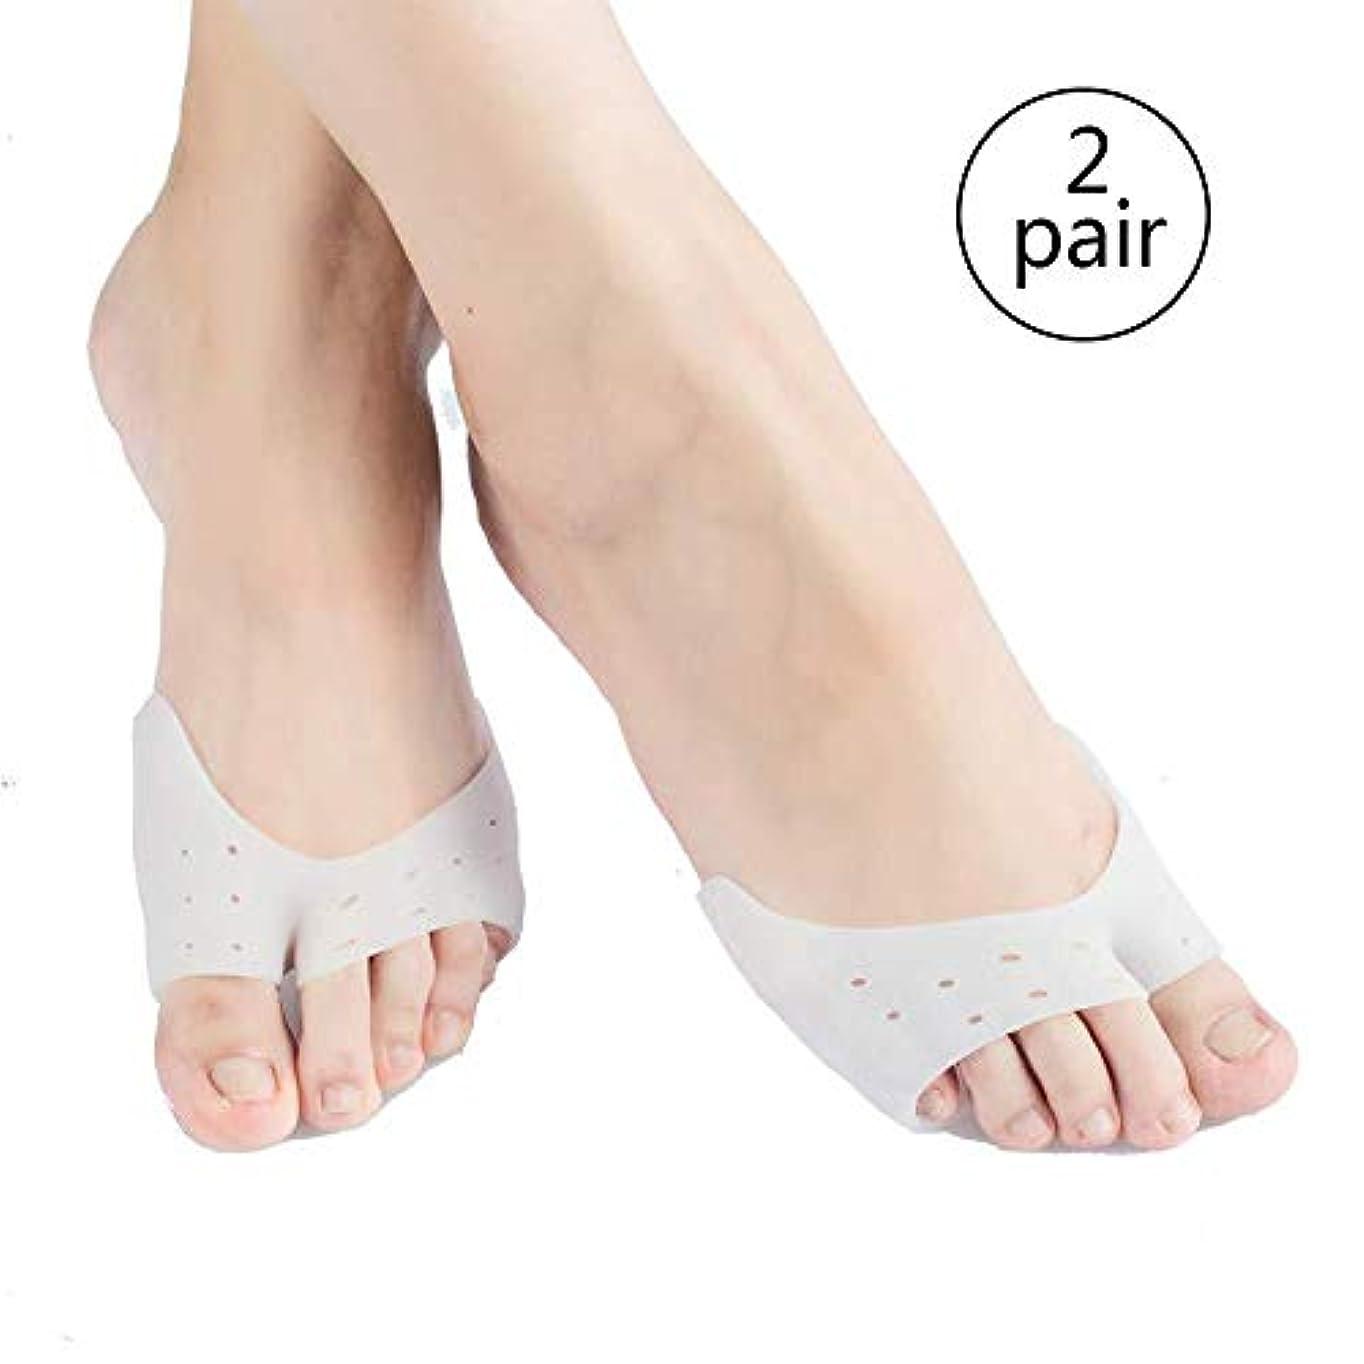 認可懺悔忌避剤足のセパレーター、足の親指のアライナー、足の親指の矯正、ナイトバニオンの寛解、男性と女性の外反母hallの痛みの緩和